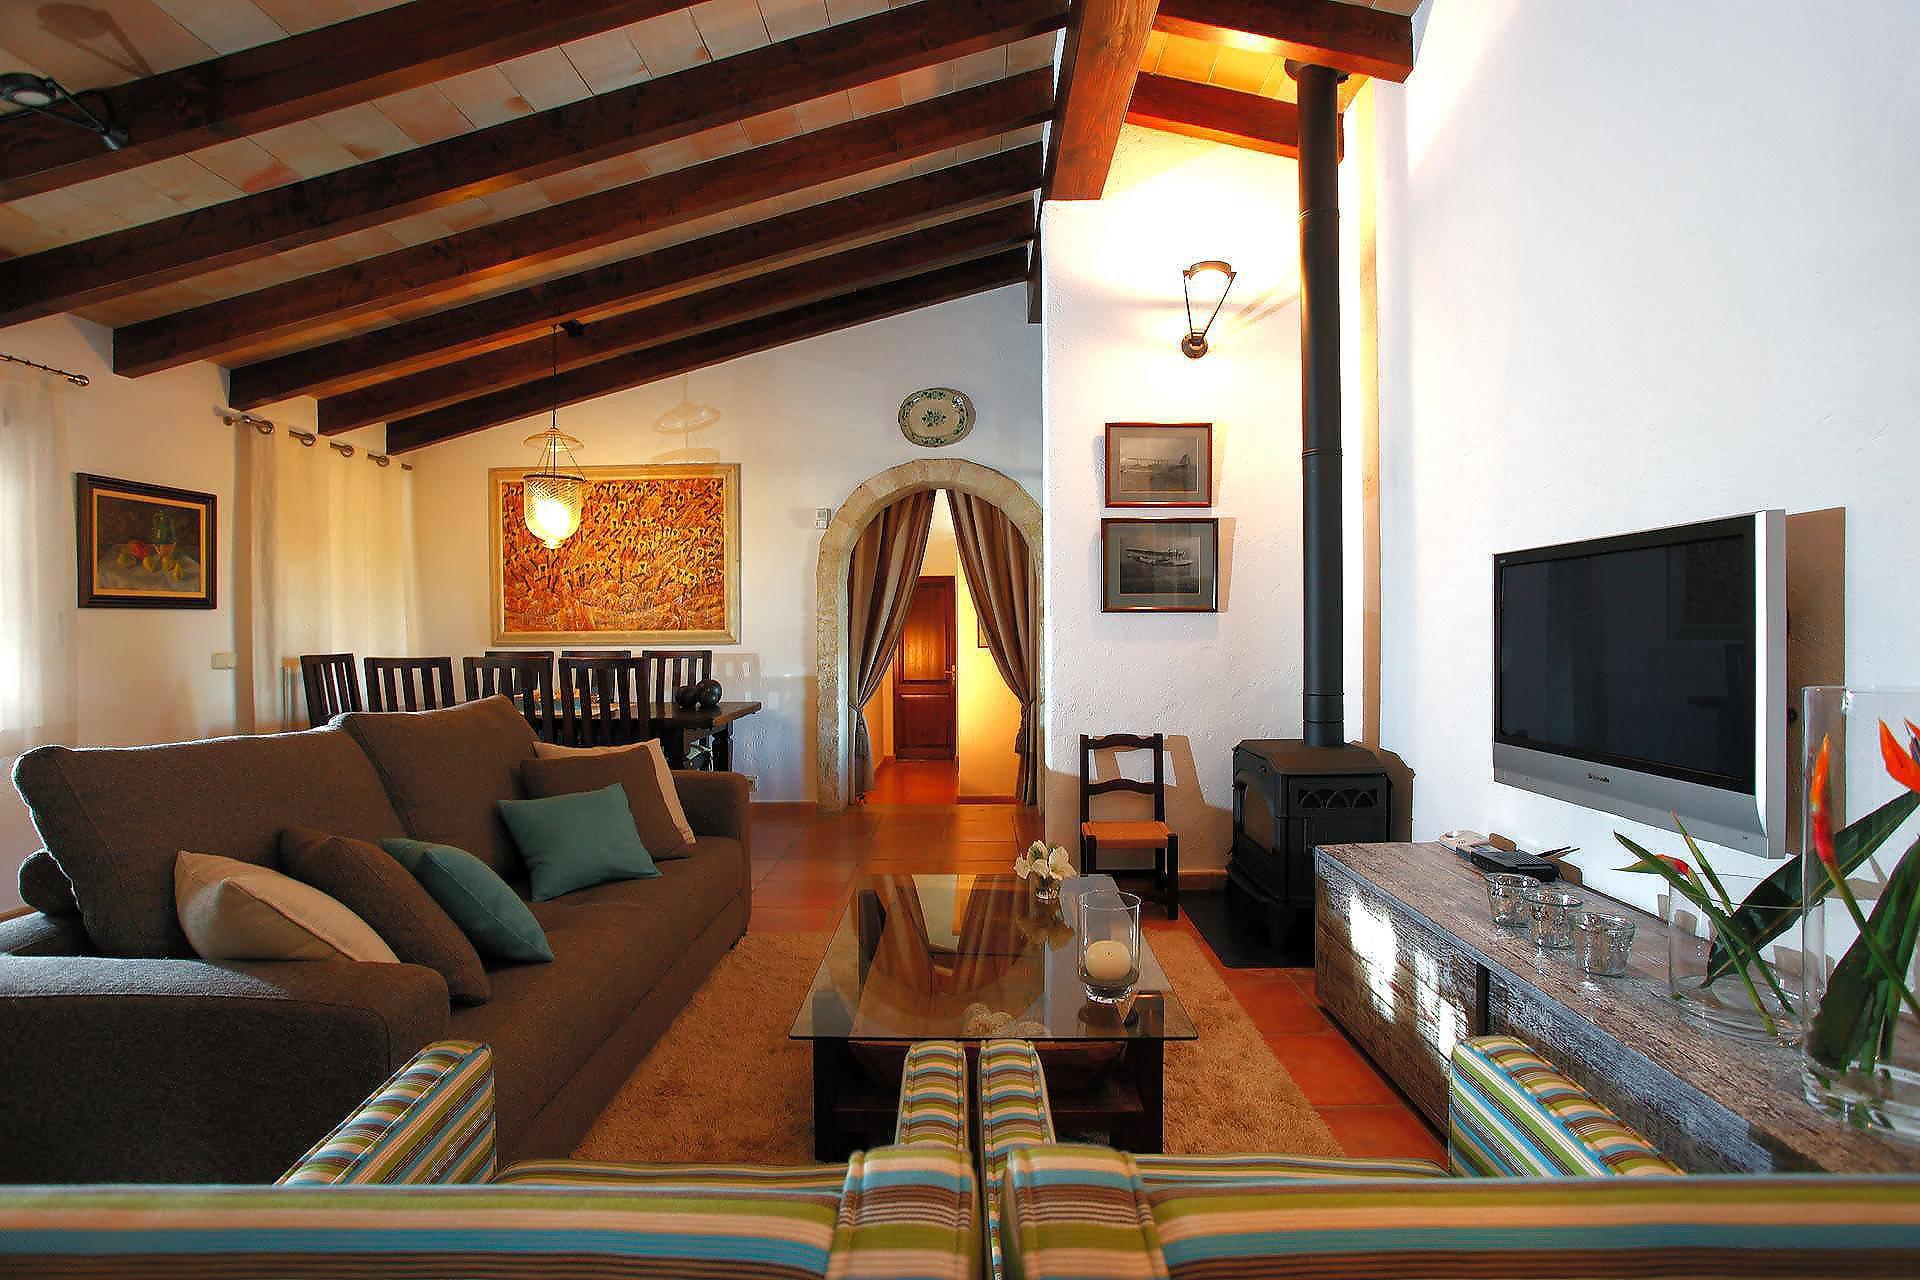 01-11 Traditionelle Finca Mallorca Norden Bild 14